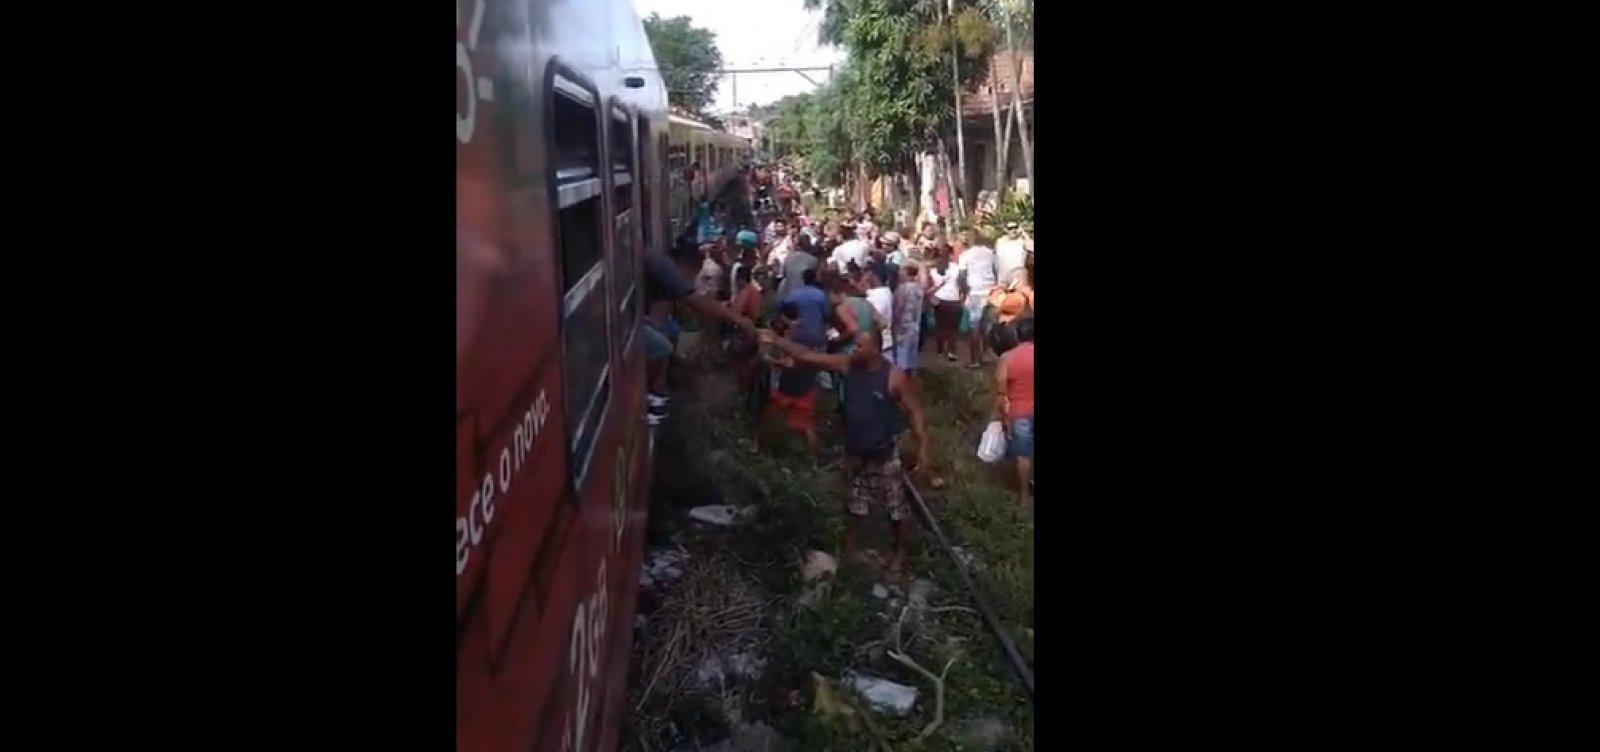 [Vídeo mostra momento posterior à colisão de trens no Subúrbio de Salvador]